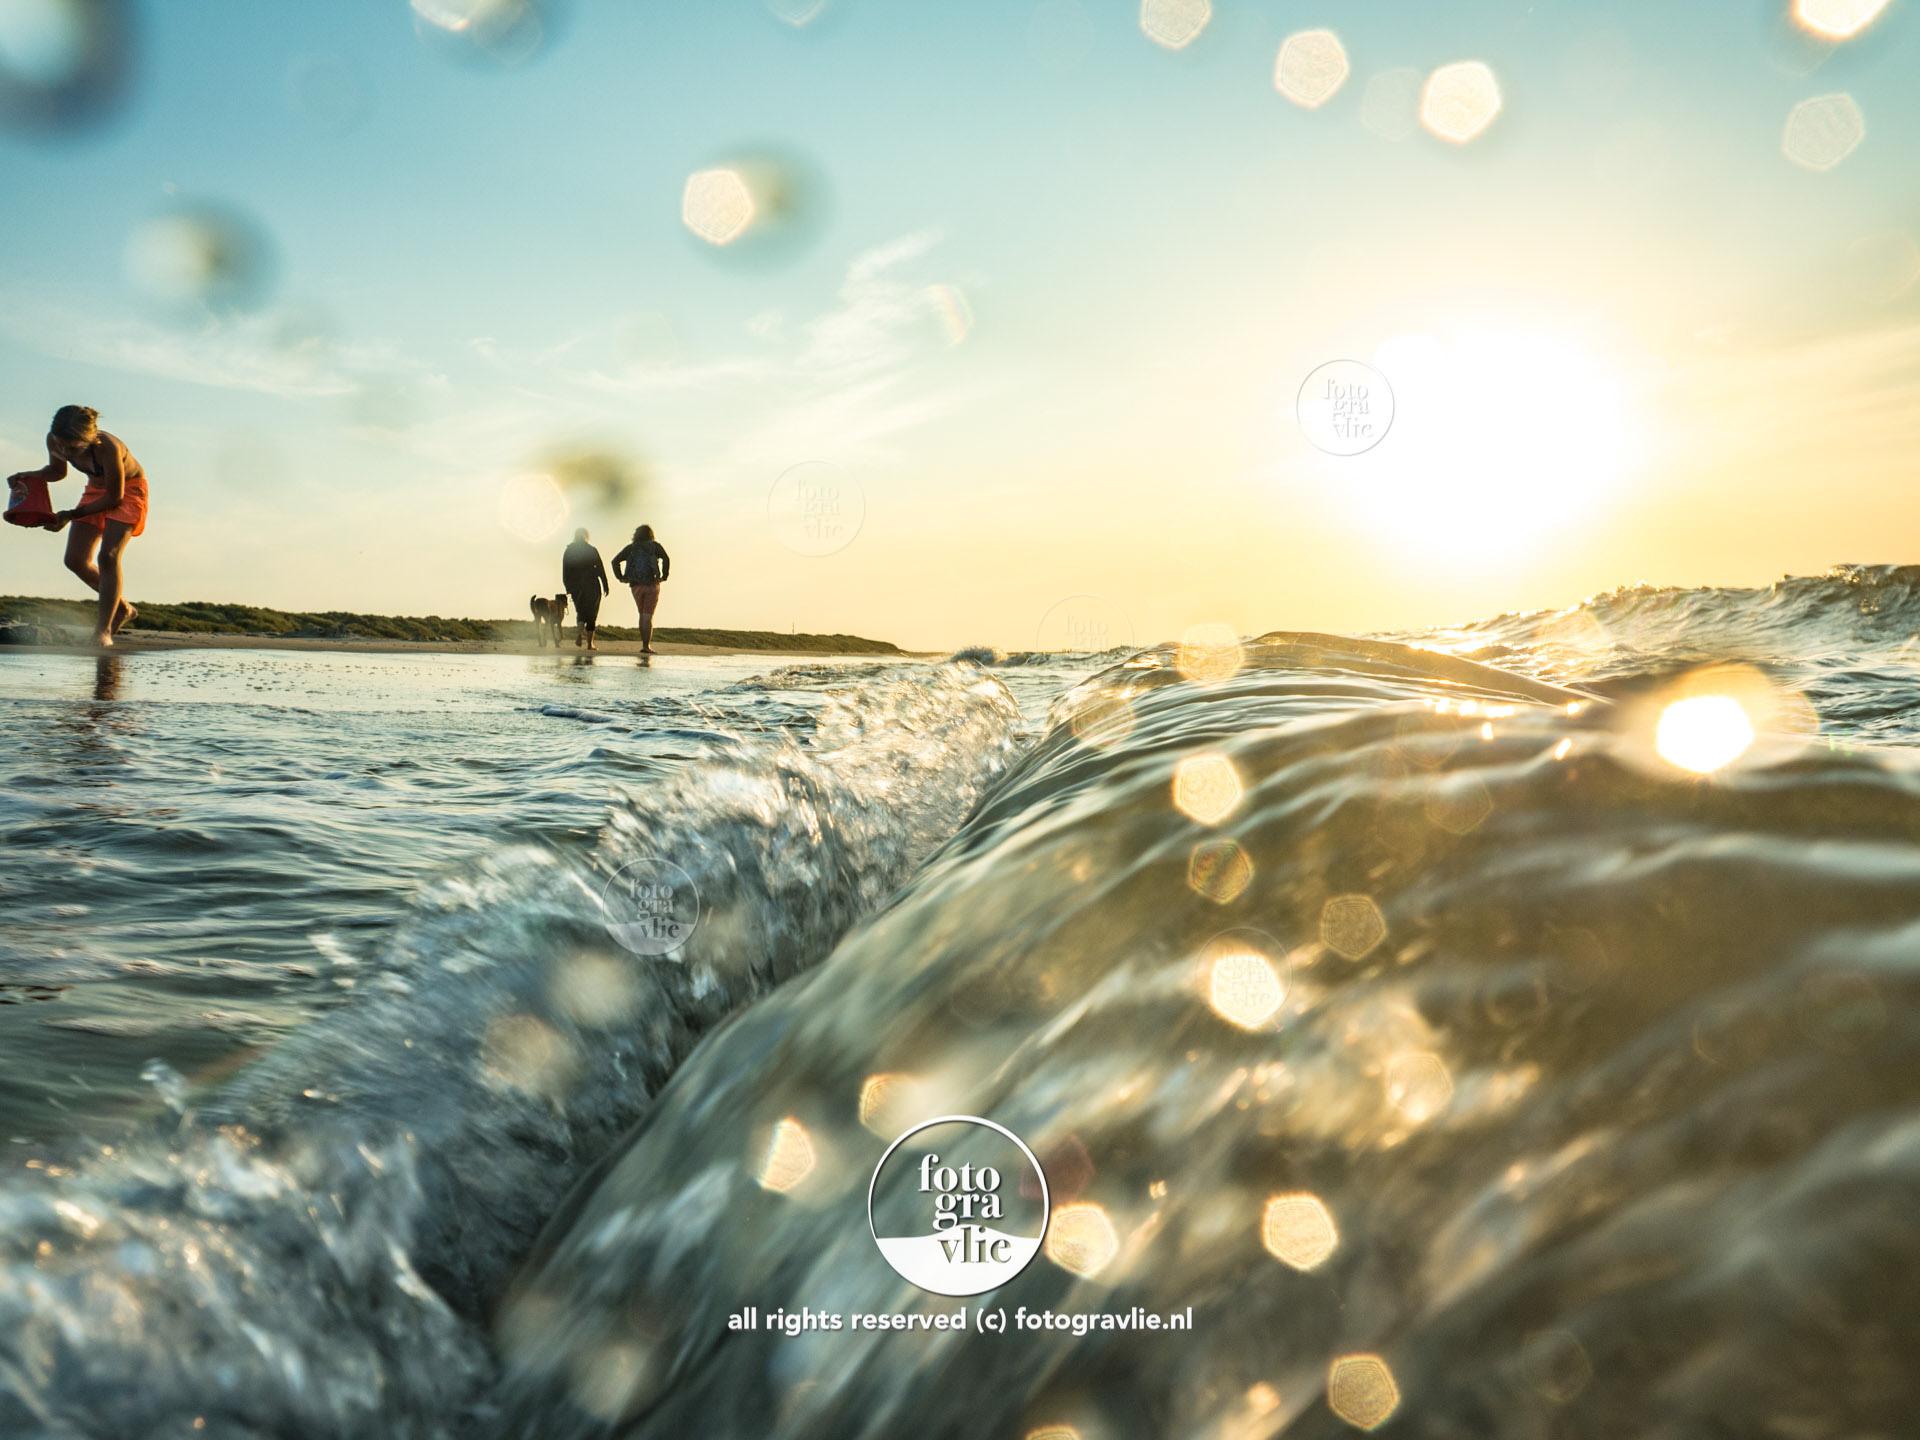 golf golven noordzee Vlieland foto - fotograaf vlieland - portfolio fotogravlie